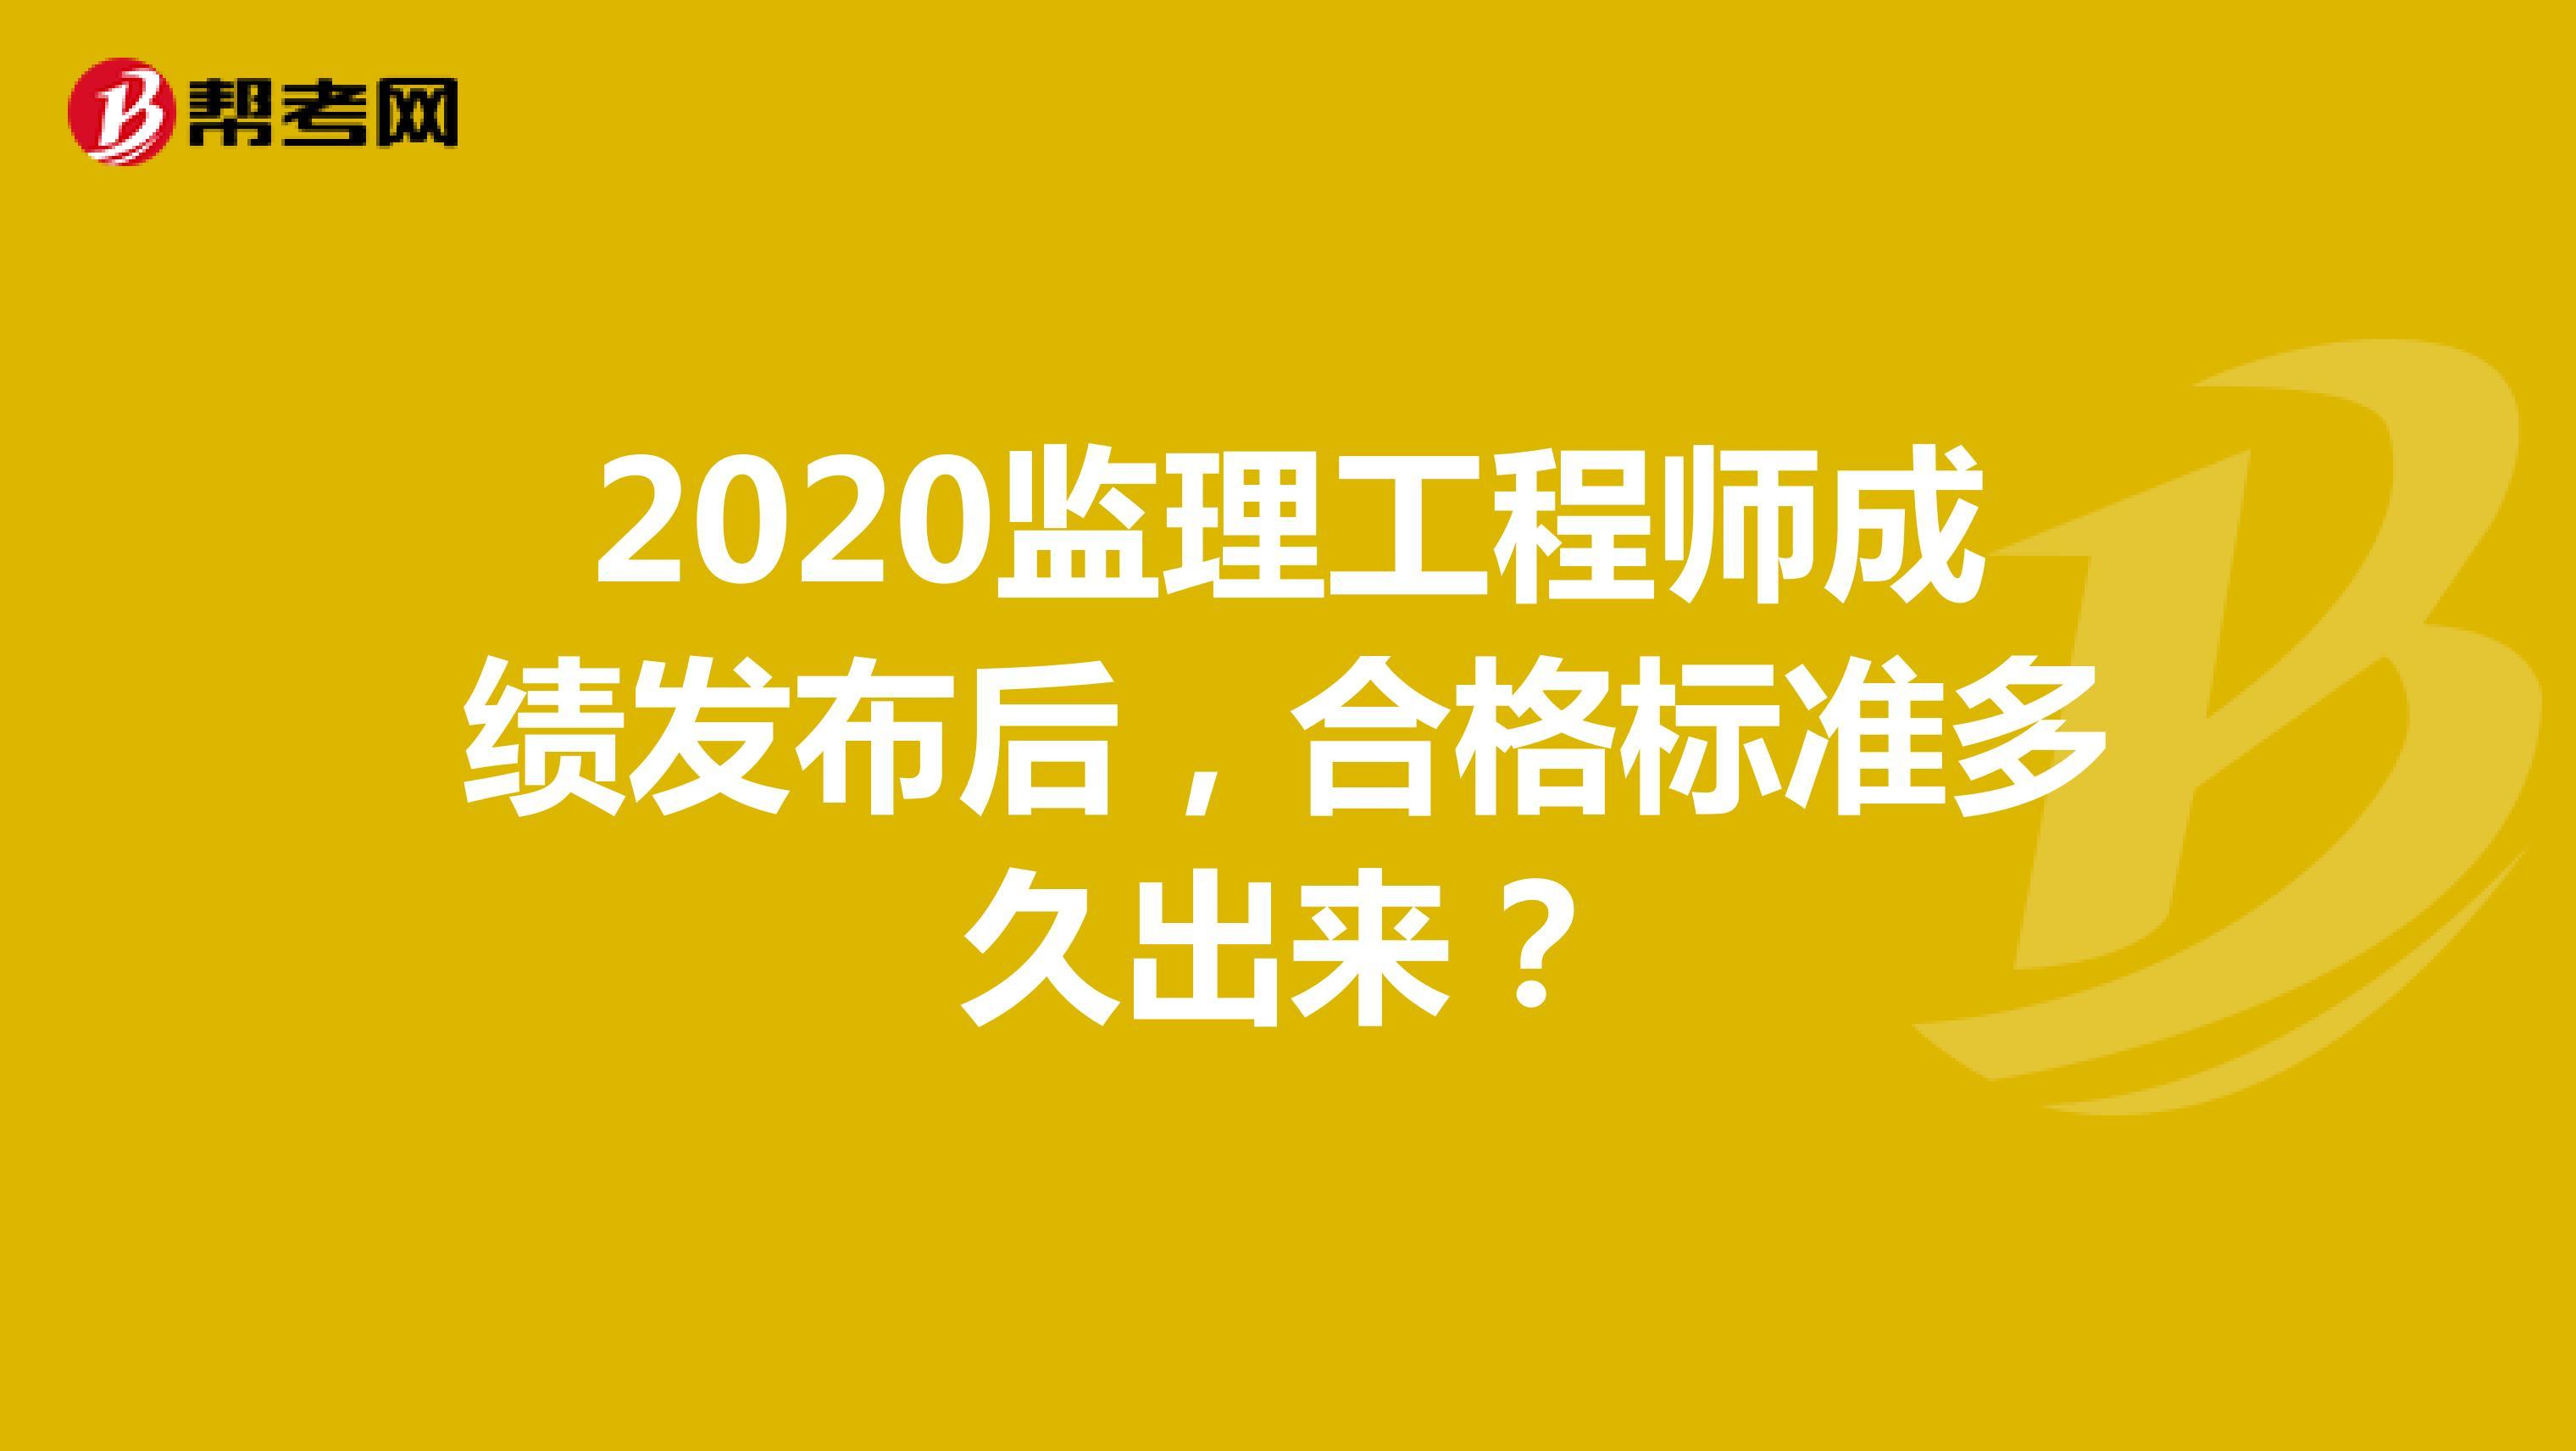 2020監理工程師成績發布后,合格標準多久出來?